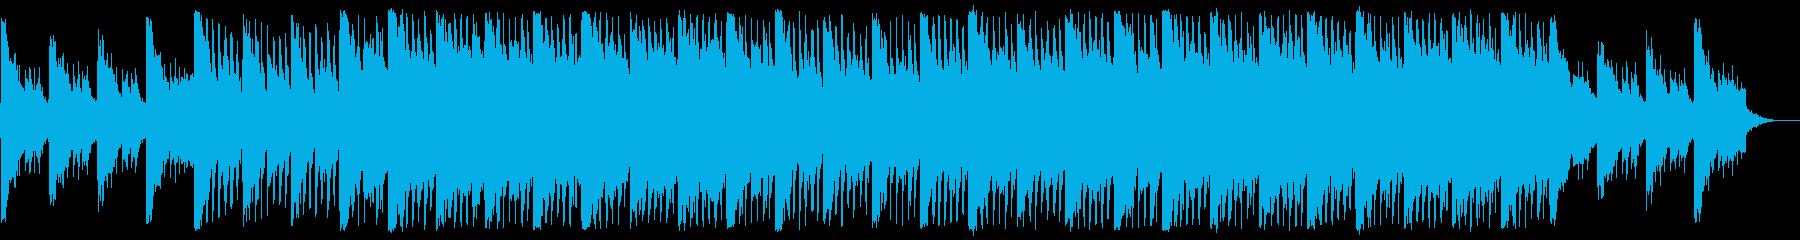 切ない・感動・ドキュメンタリー・EDの再生済みの波形